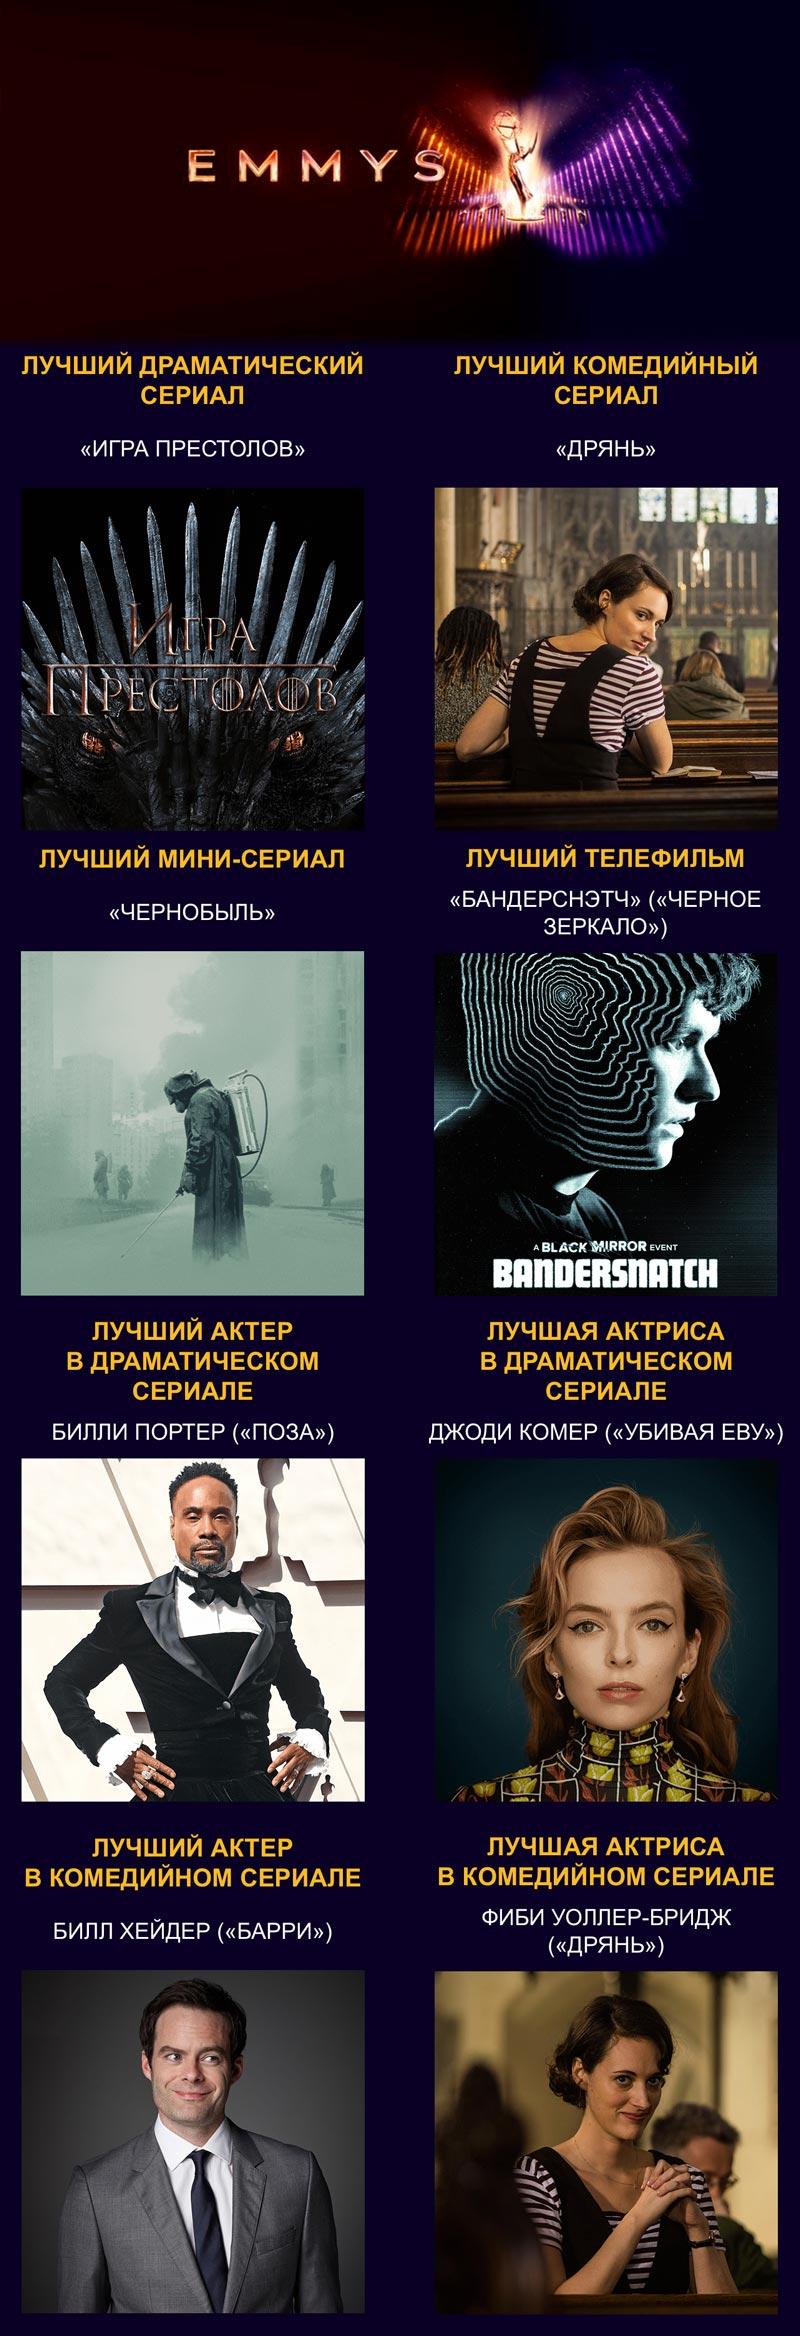 Инфографика Эмми 2019: победители в главных номинациях